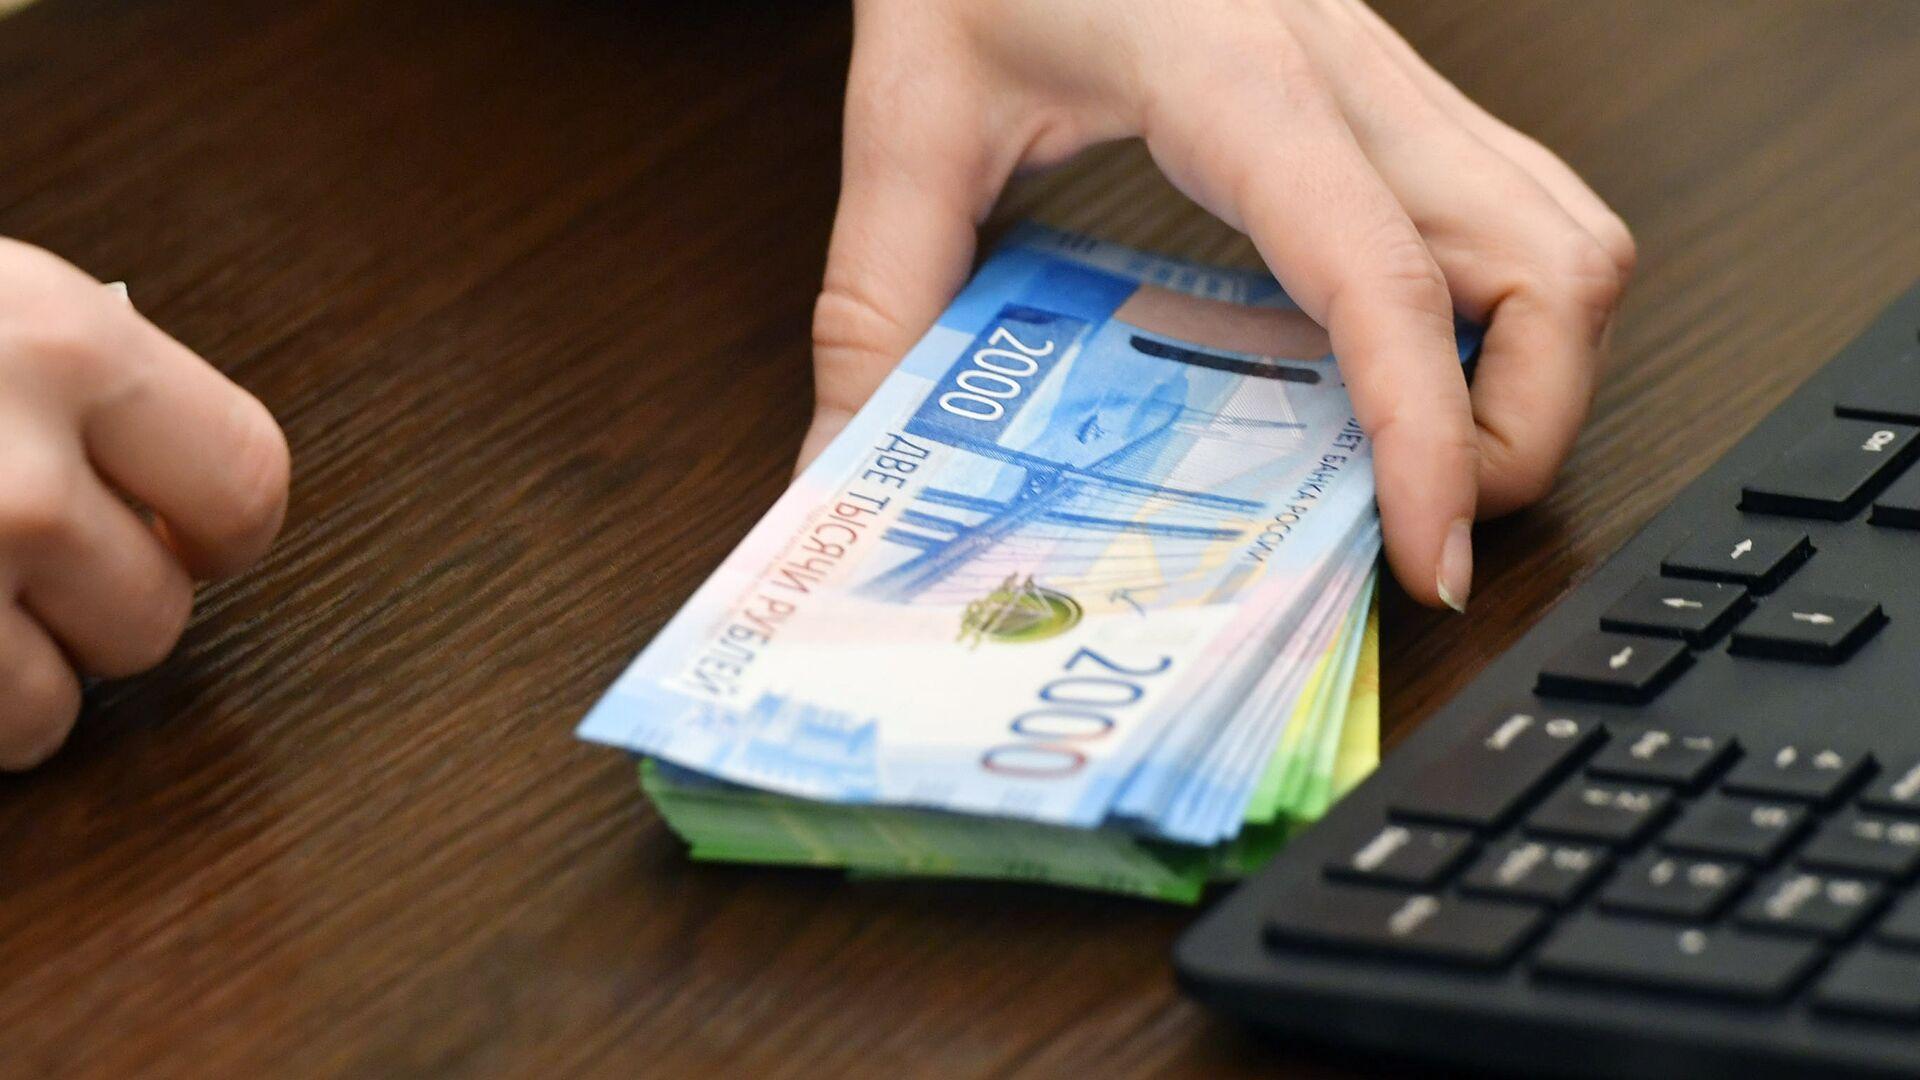 Сотрудница банка проводит денежные операции с новыми купюрами номиналом 200 и 2000 рублей  - РИА Новости, 1920, 18.08.2021